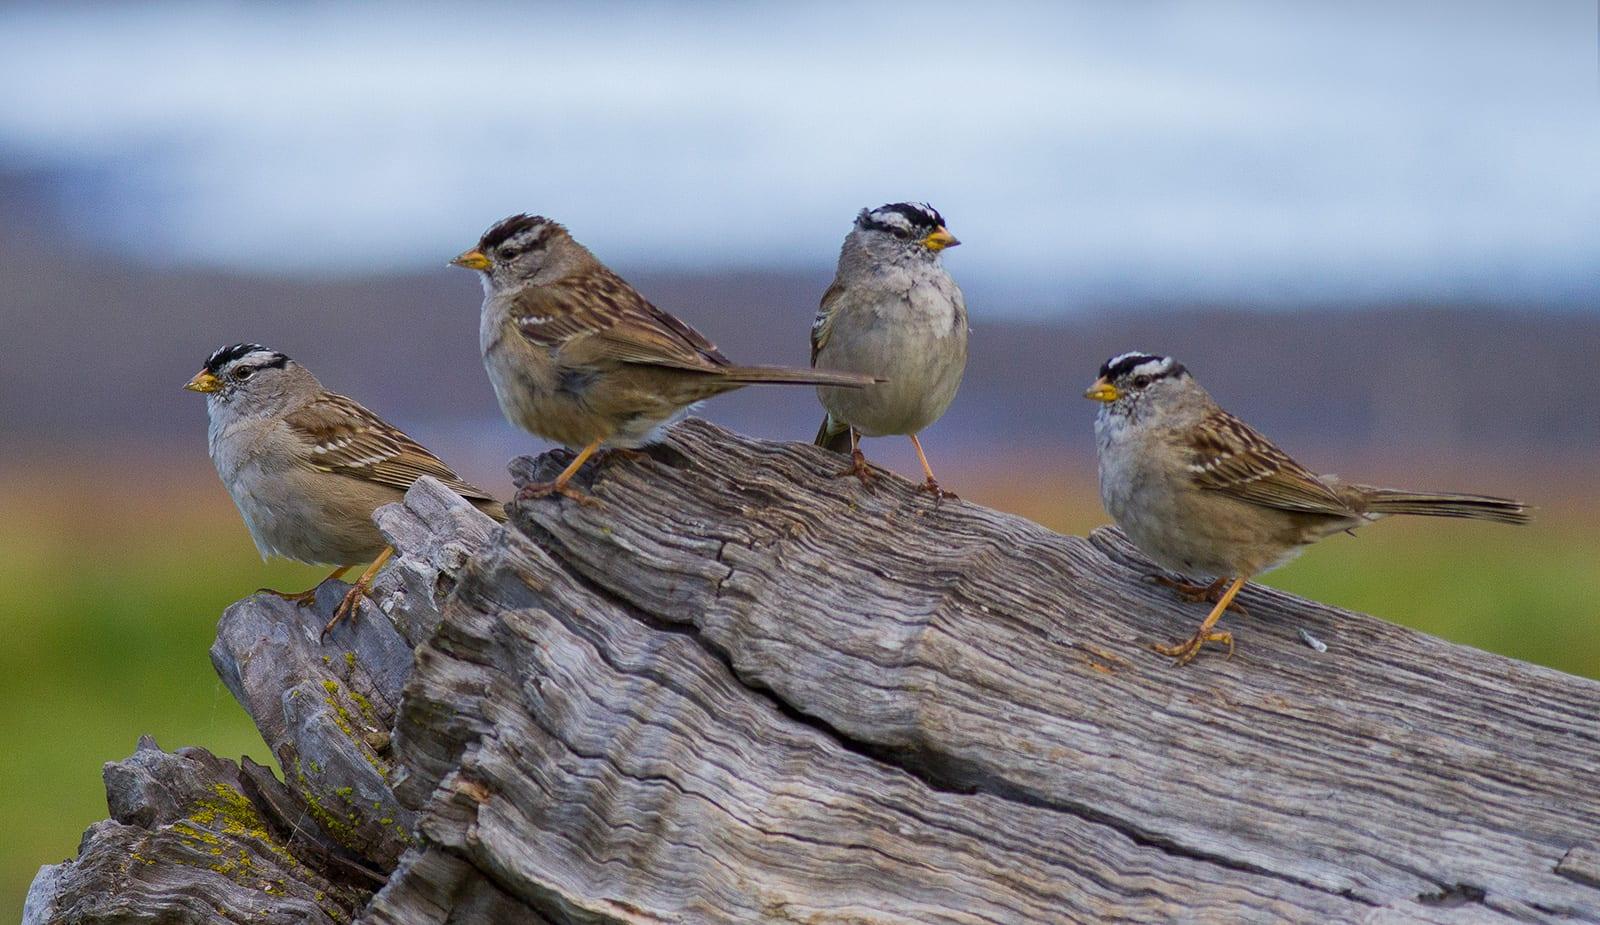 Inquinamento acustico, nella San Francisco del lockdown gli uccelli cantavano meglio